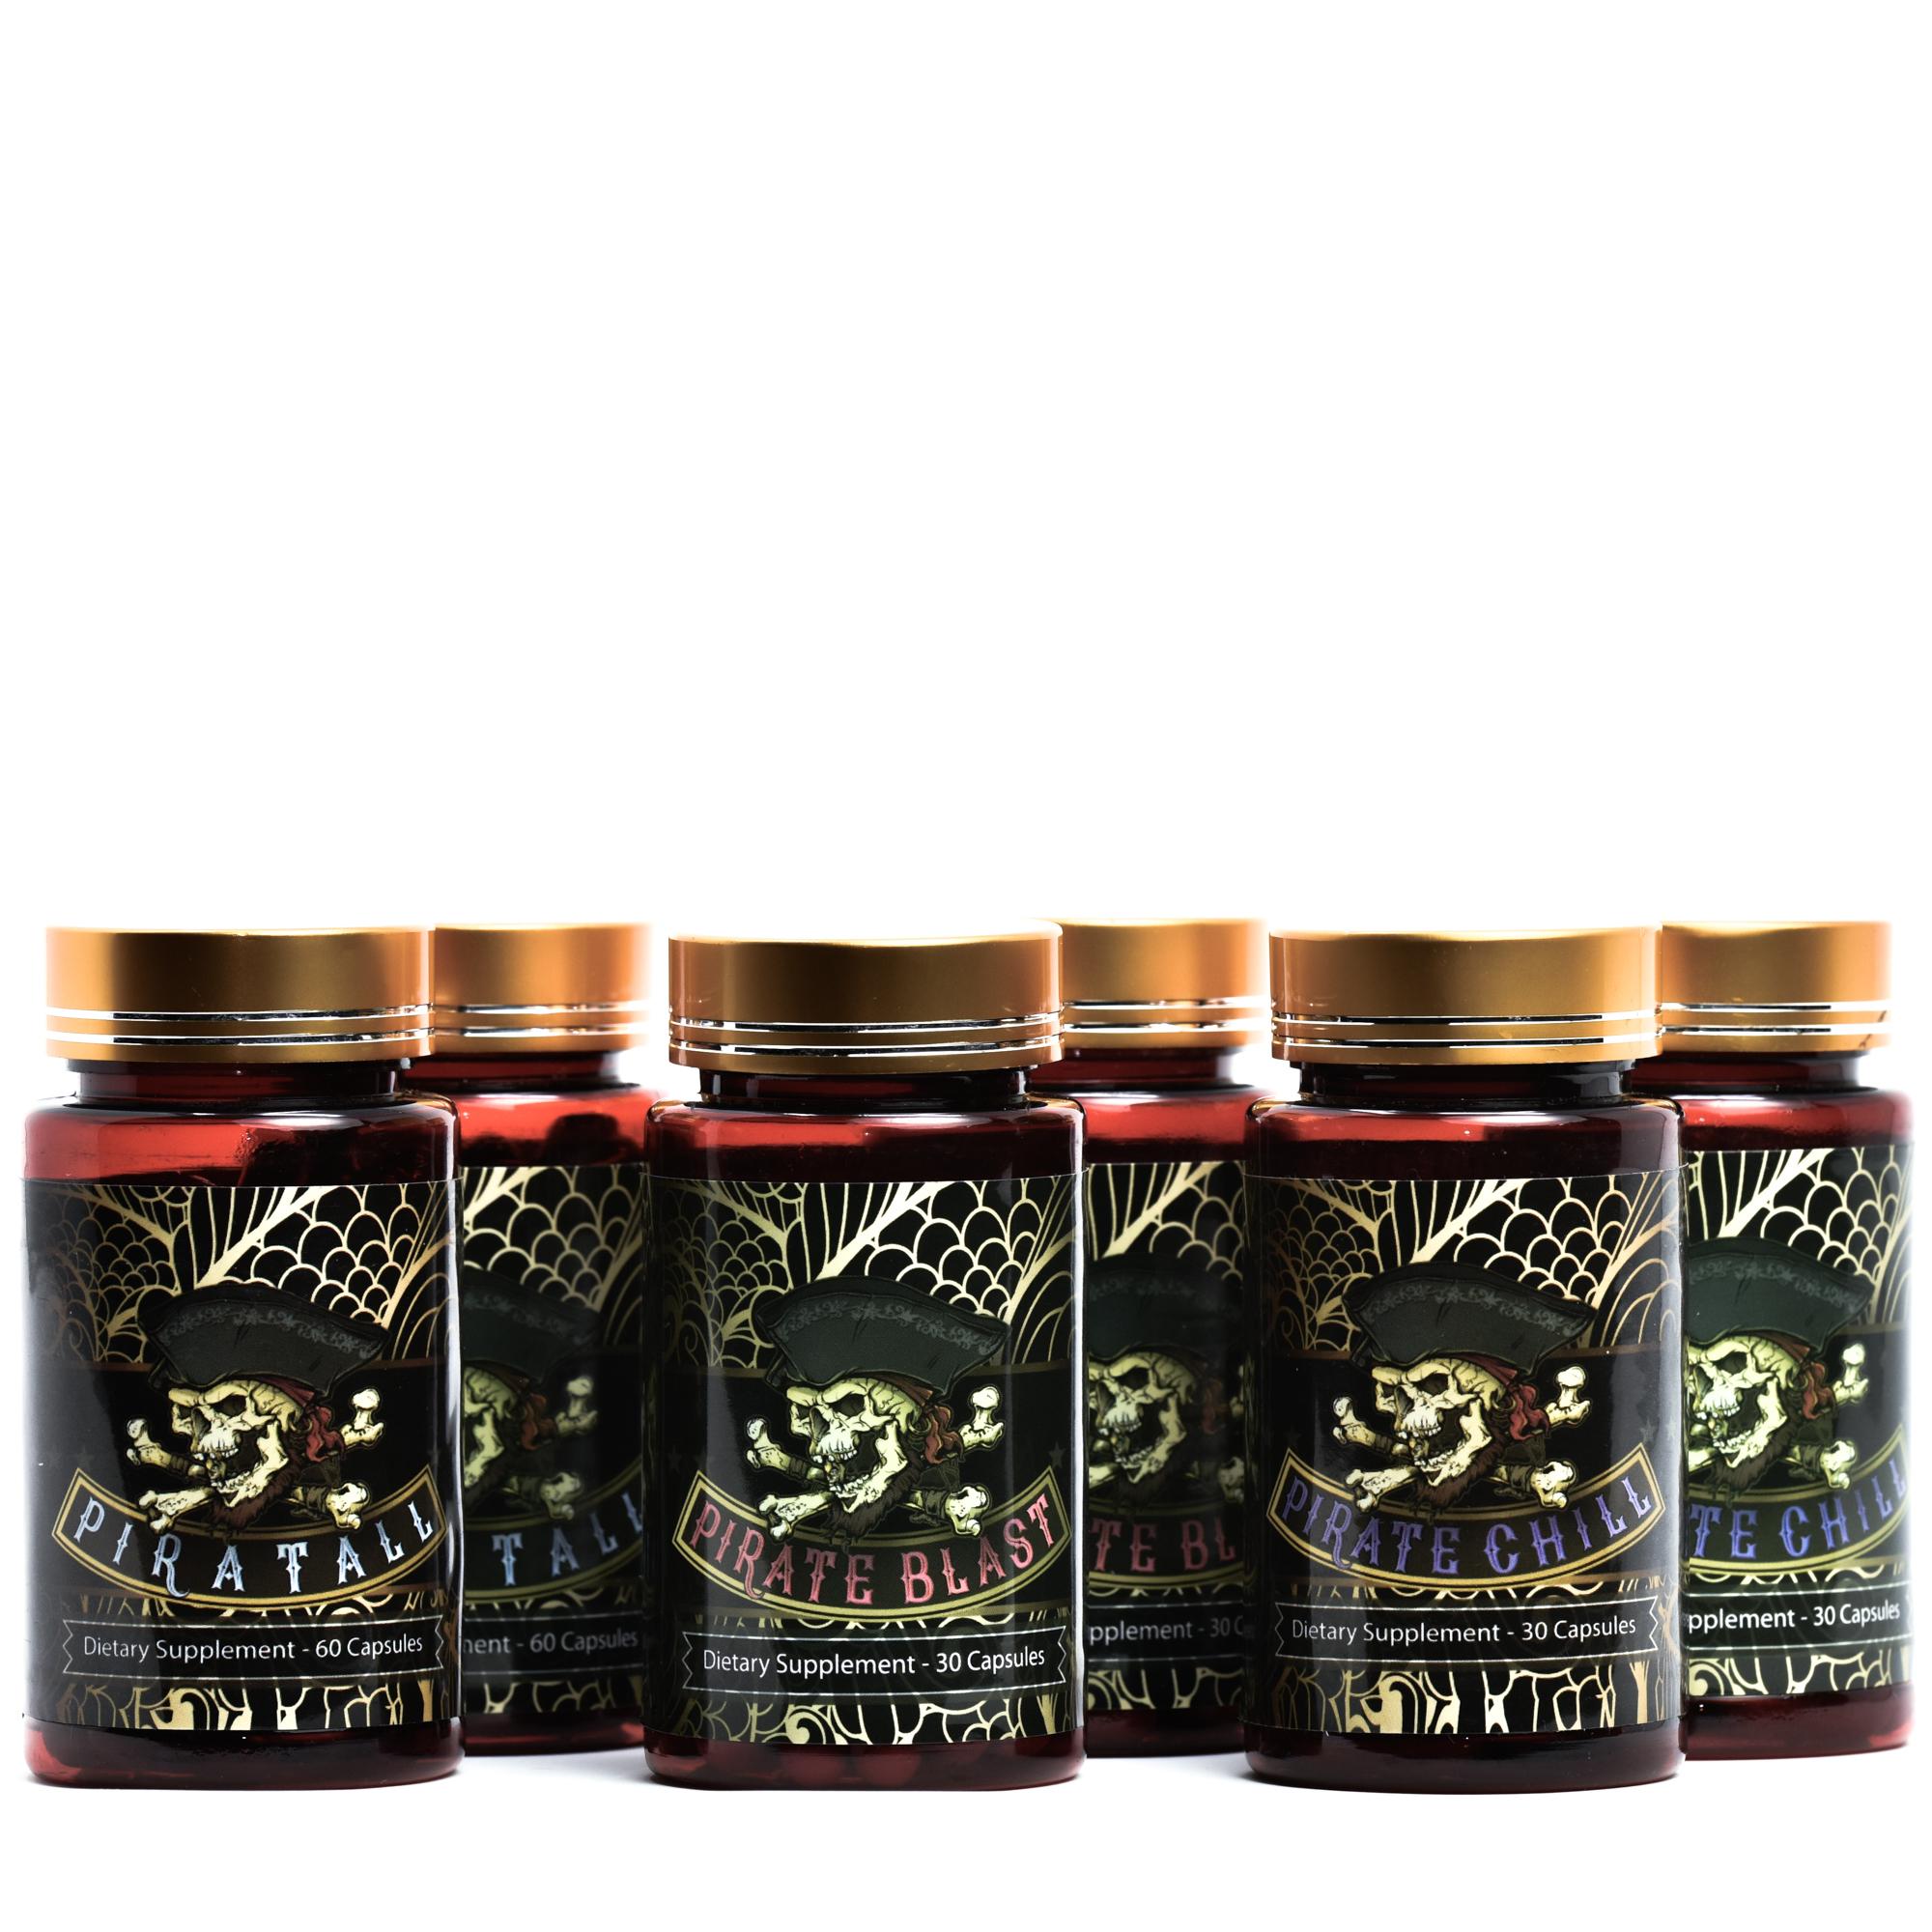 6 Bottle Variety Pack